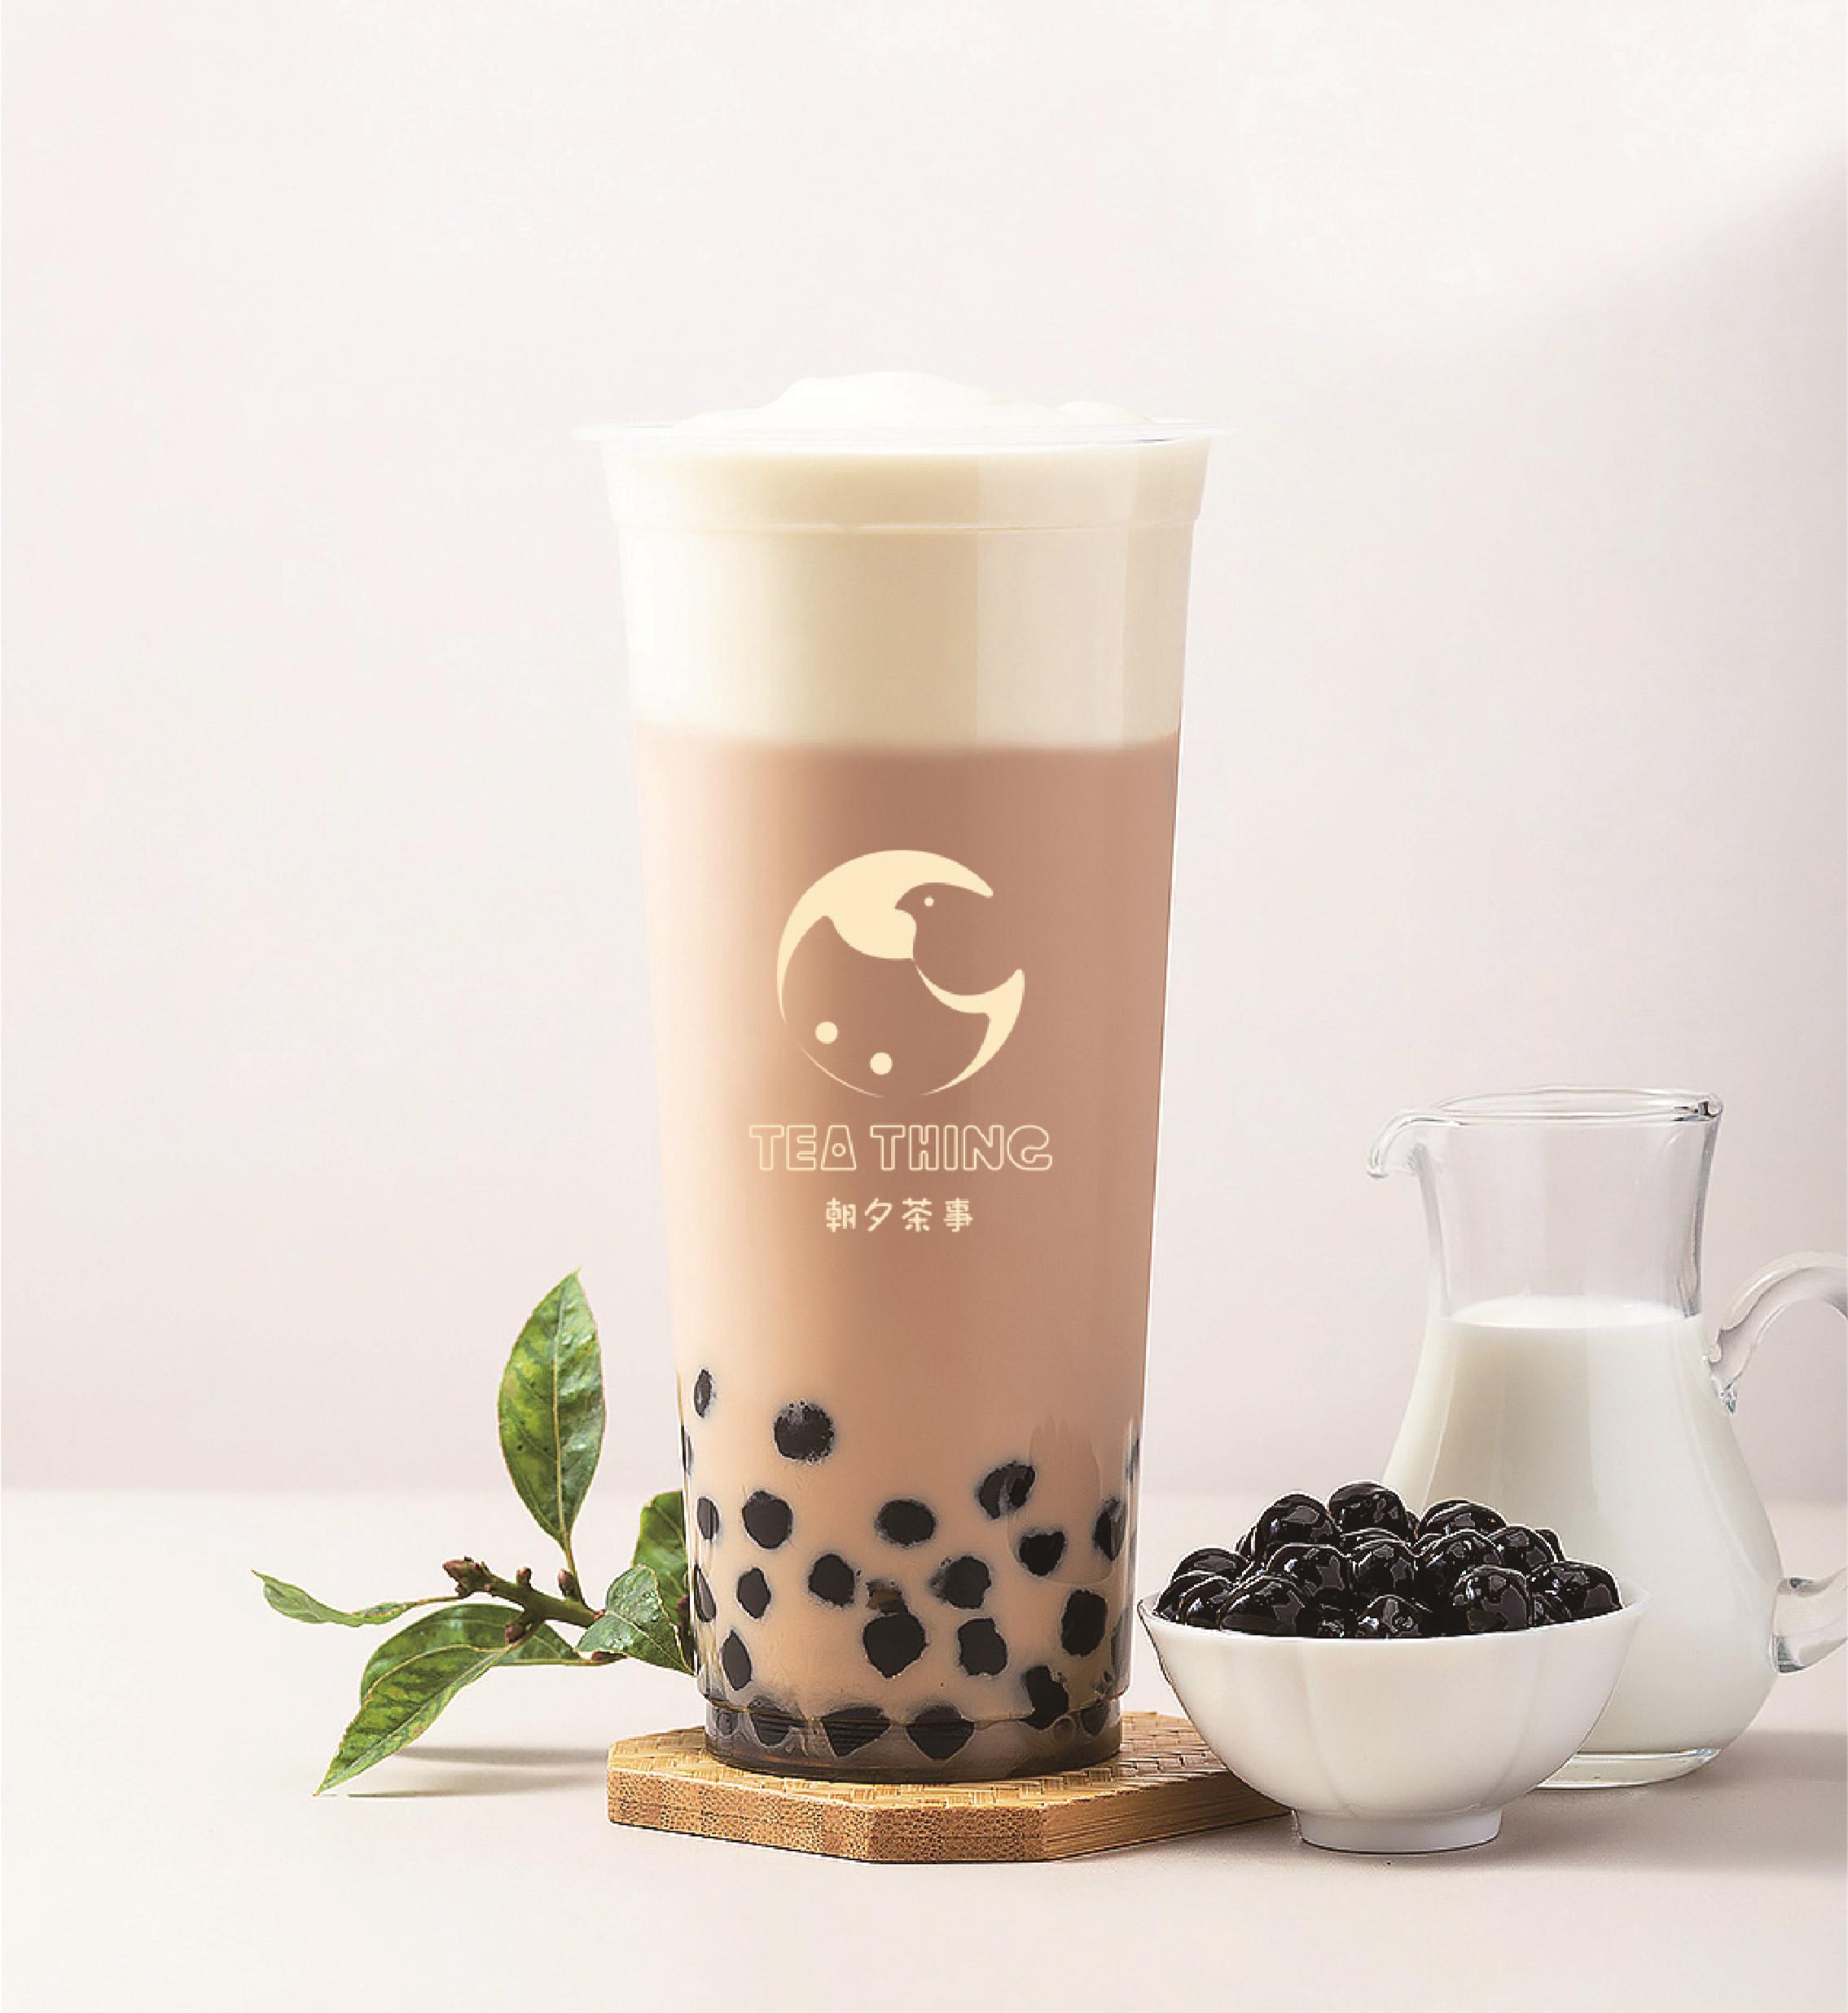 TEA THING 朝夕茶事の画像